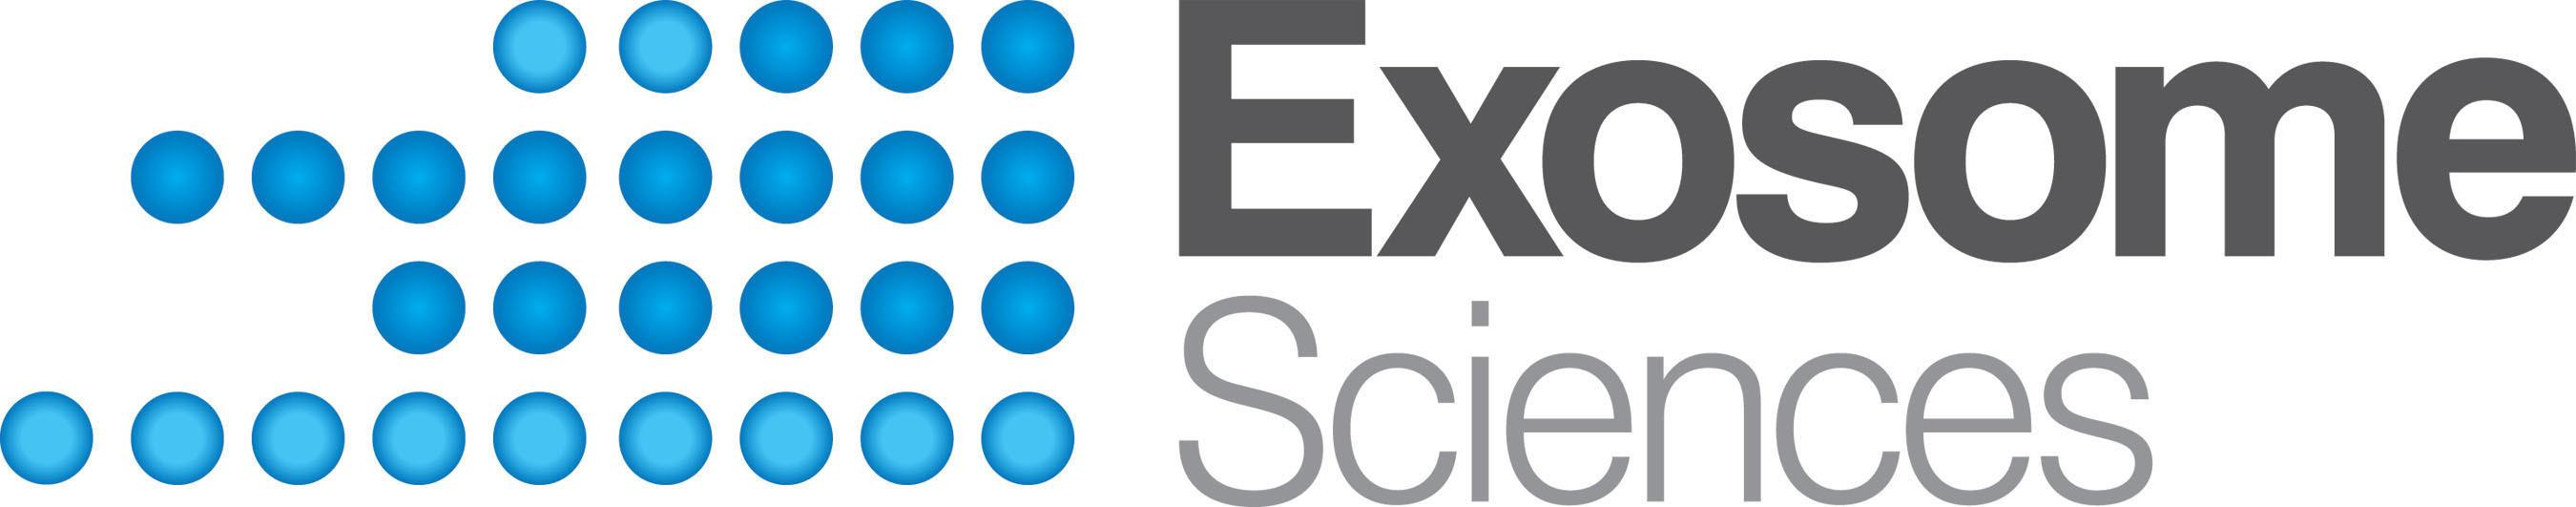 ESI Logo. (PRNewsFoto/Aethlon Medical, Inc.) (PRNewsFoto/)